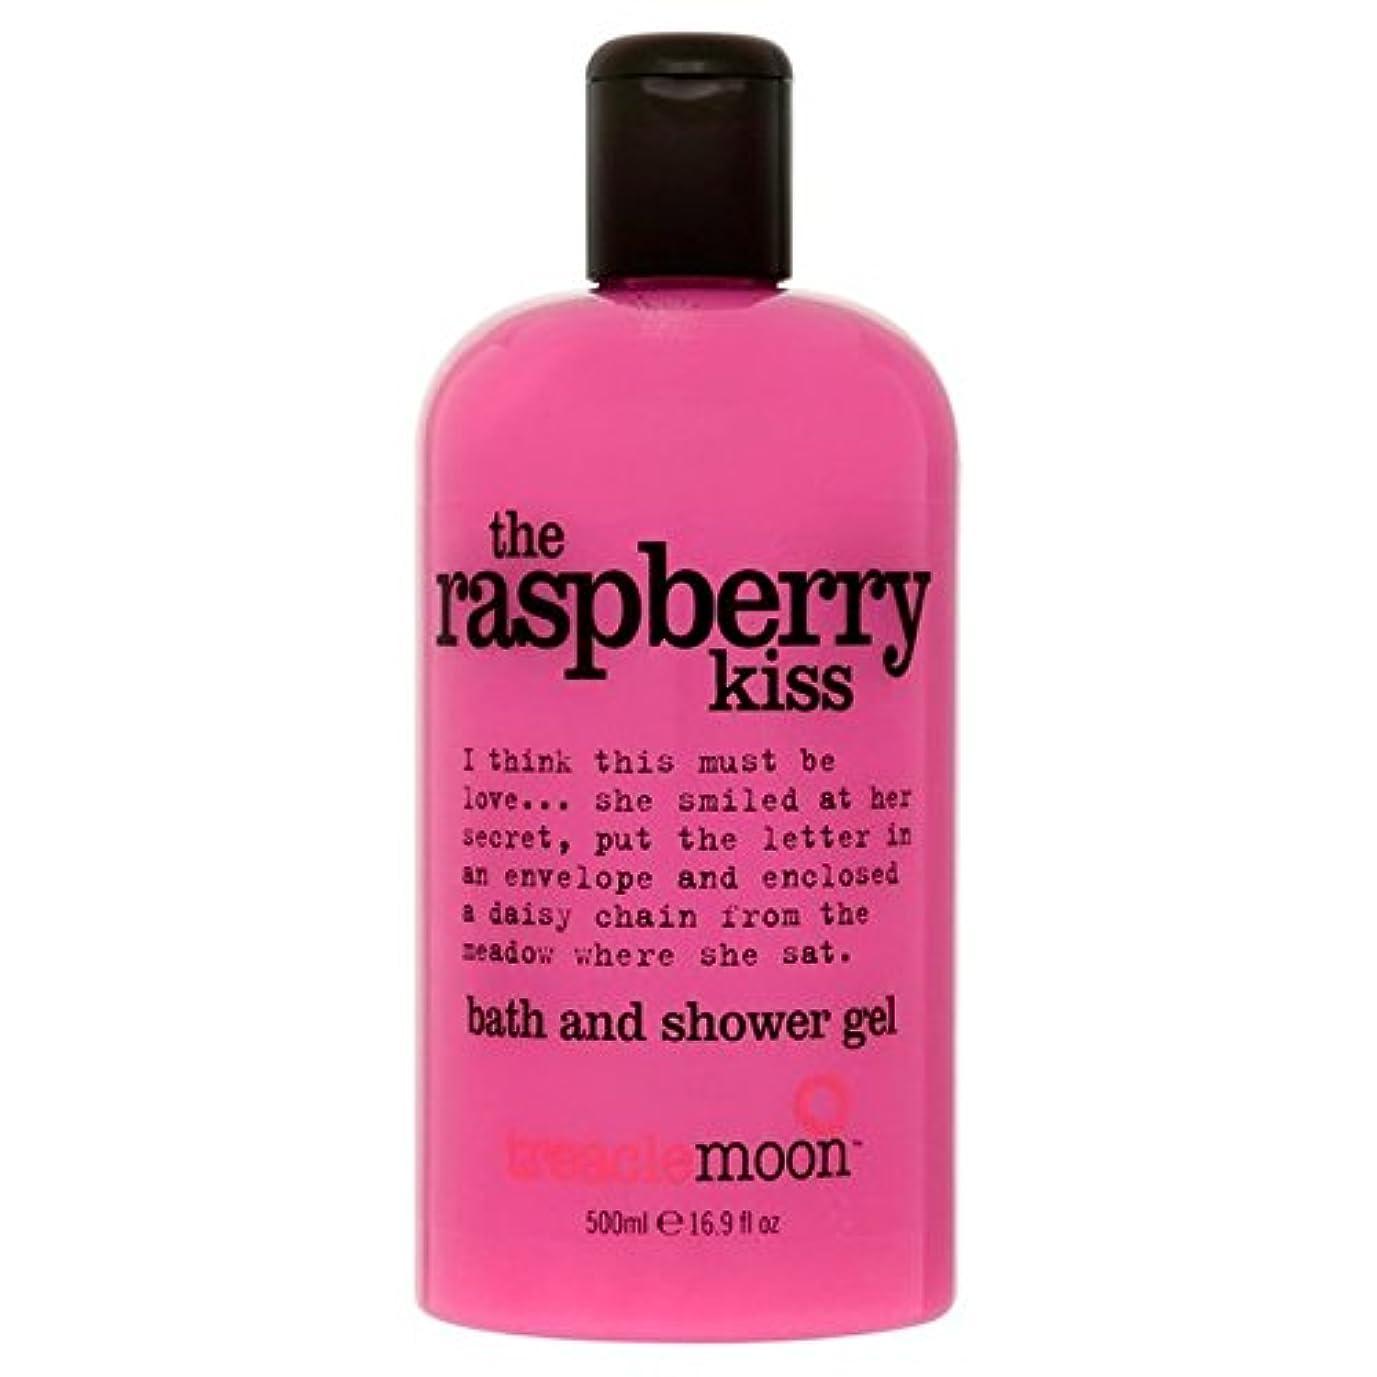 糖蜜ムーンラズベリーバス&シャワージェル500ミリリットル x4 - Treacle Moon Raspberry Bath & Shower Gel 500ml (Pack of 4) [並行輸入品]